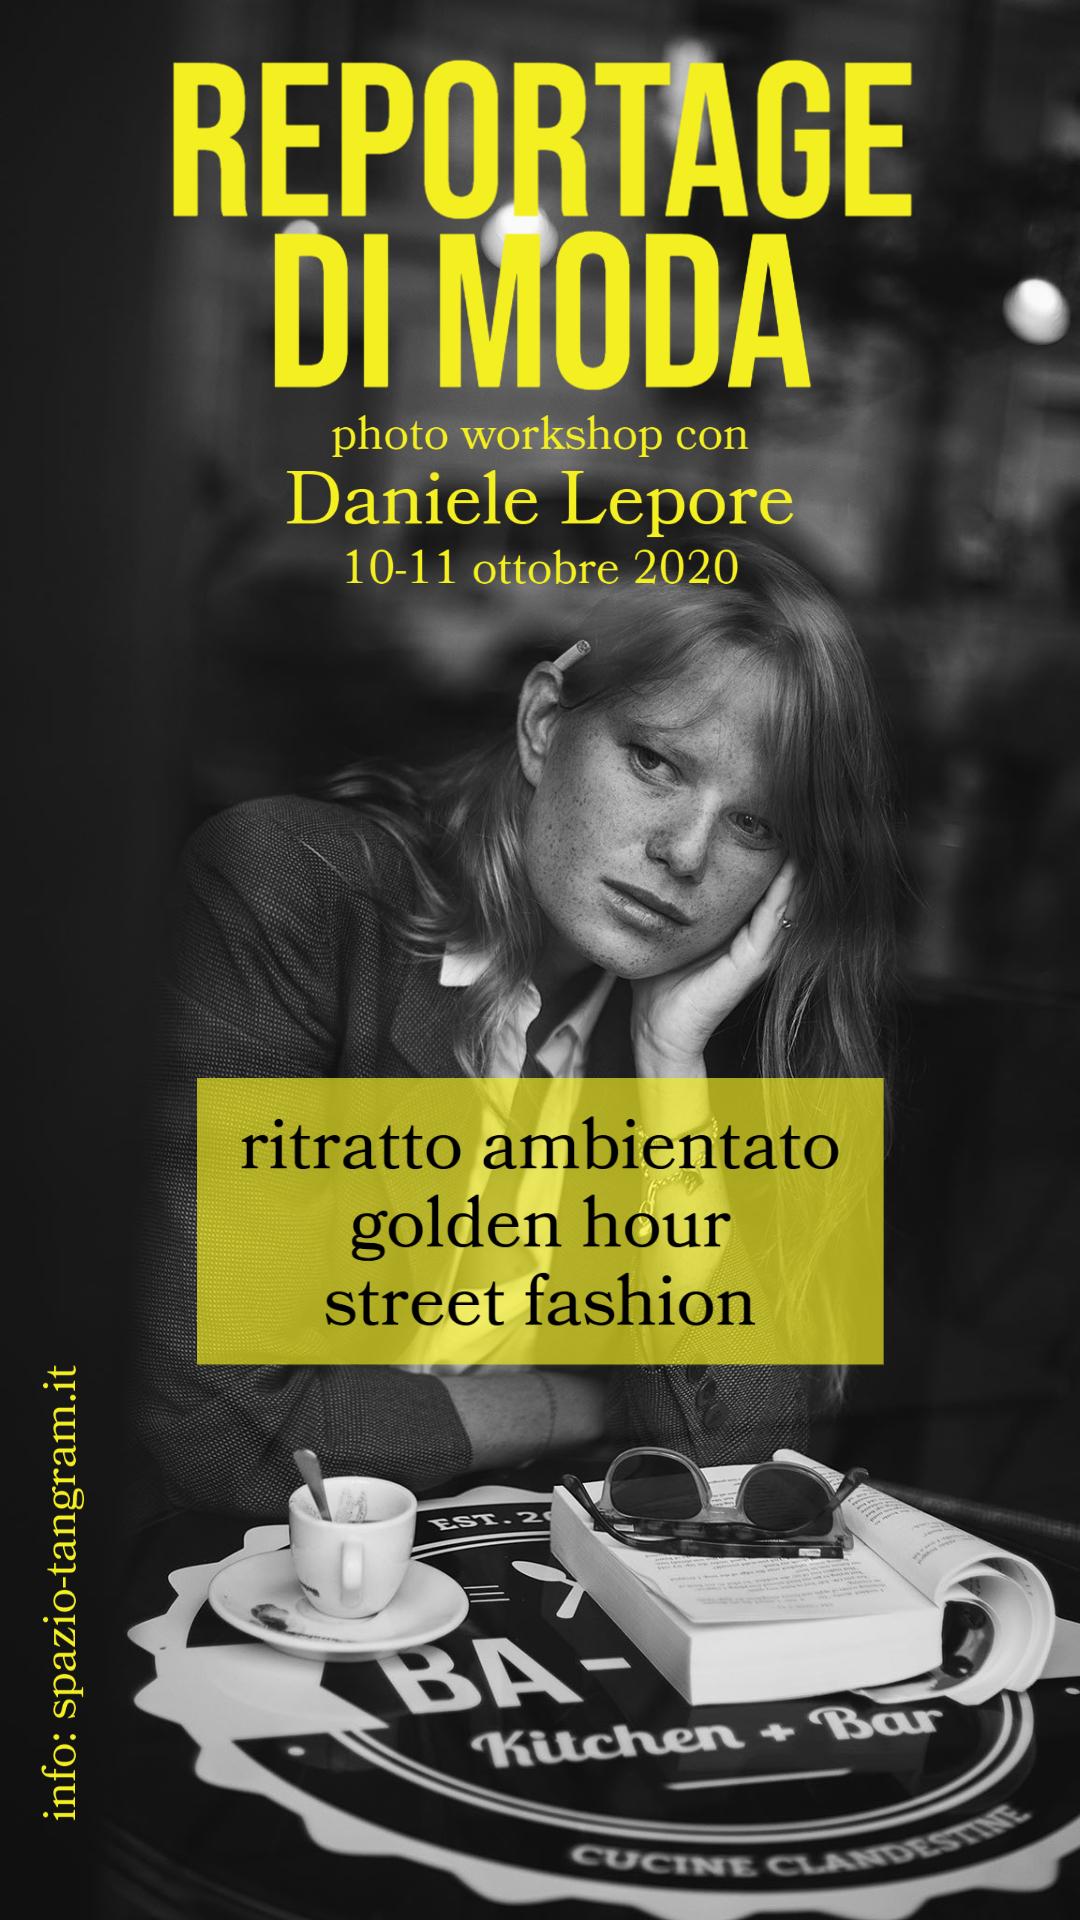 photo workshop Reportage di Moda con Daniele Lepore